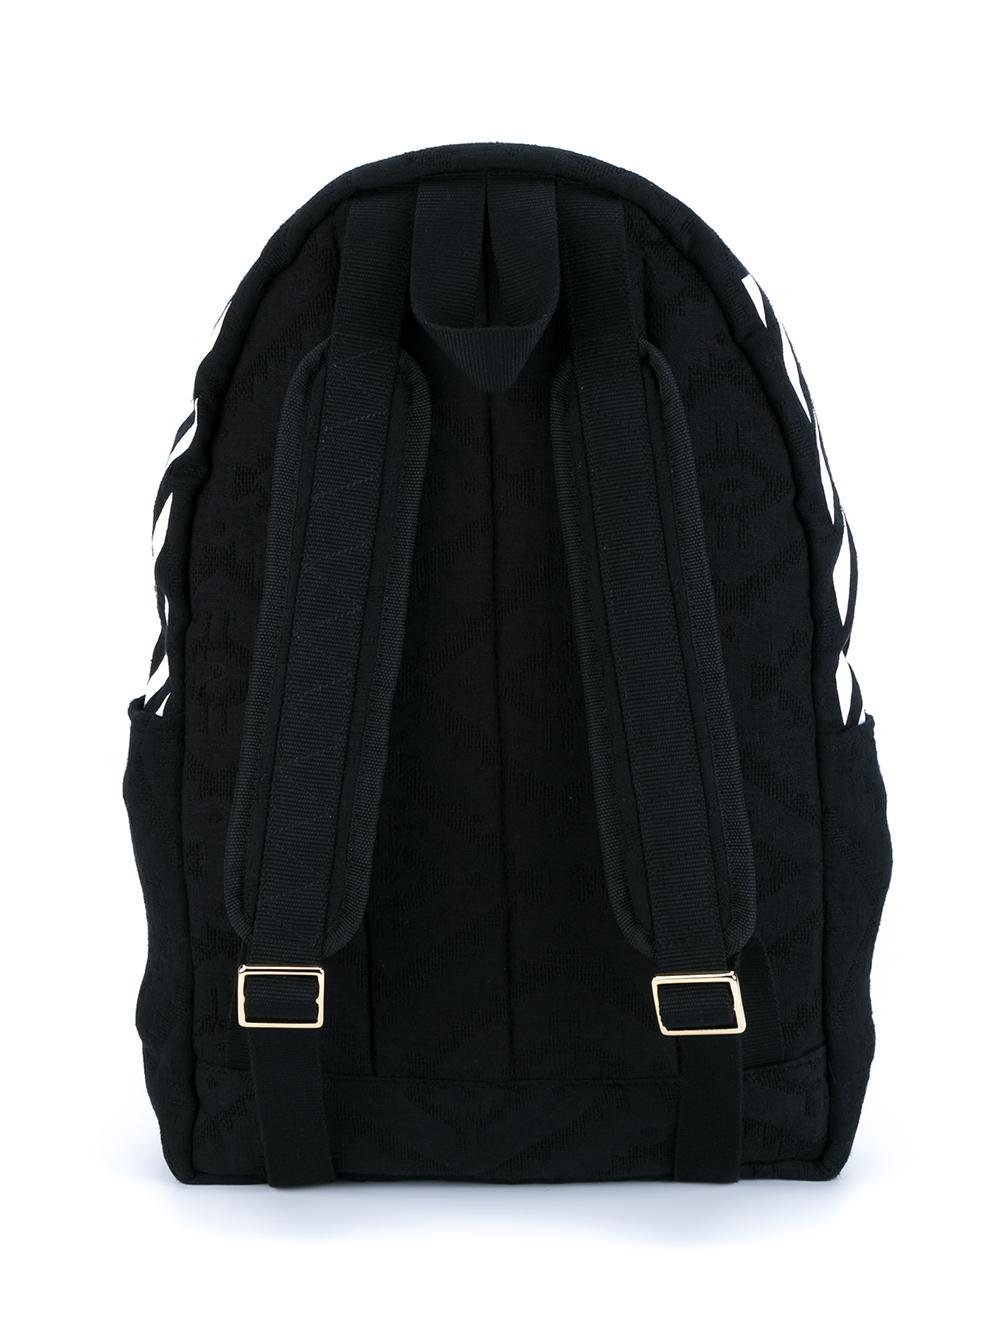 off white c o virgil abloh quilted backpack in black for. Black Bedroom Furniture Sets. Home Design Ideas